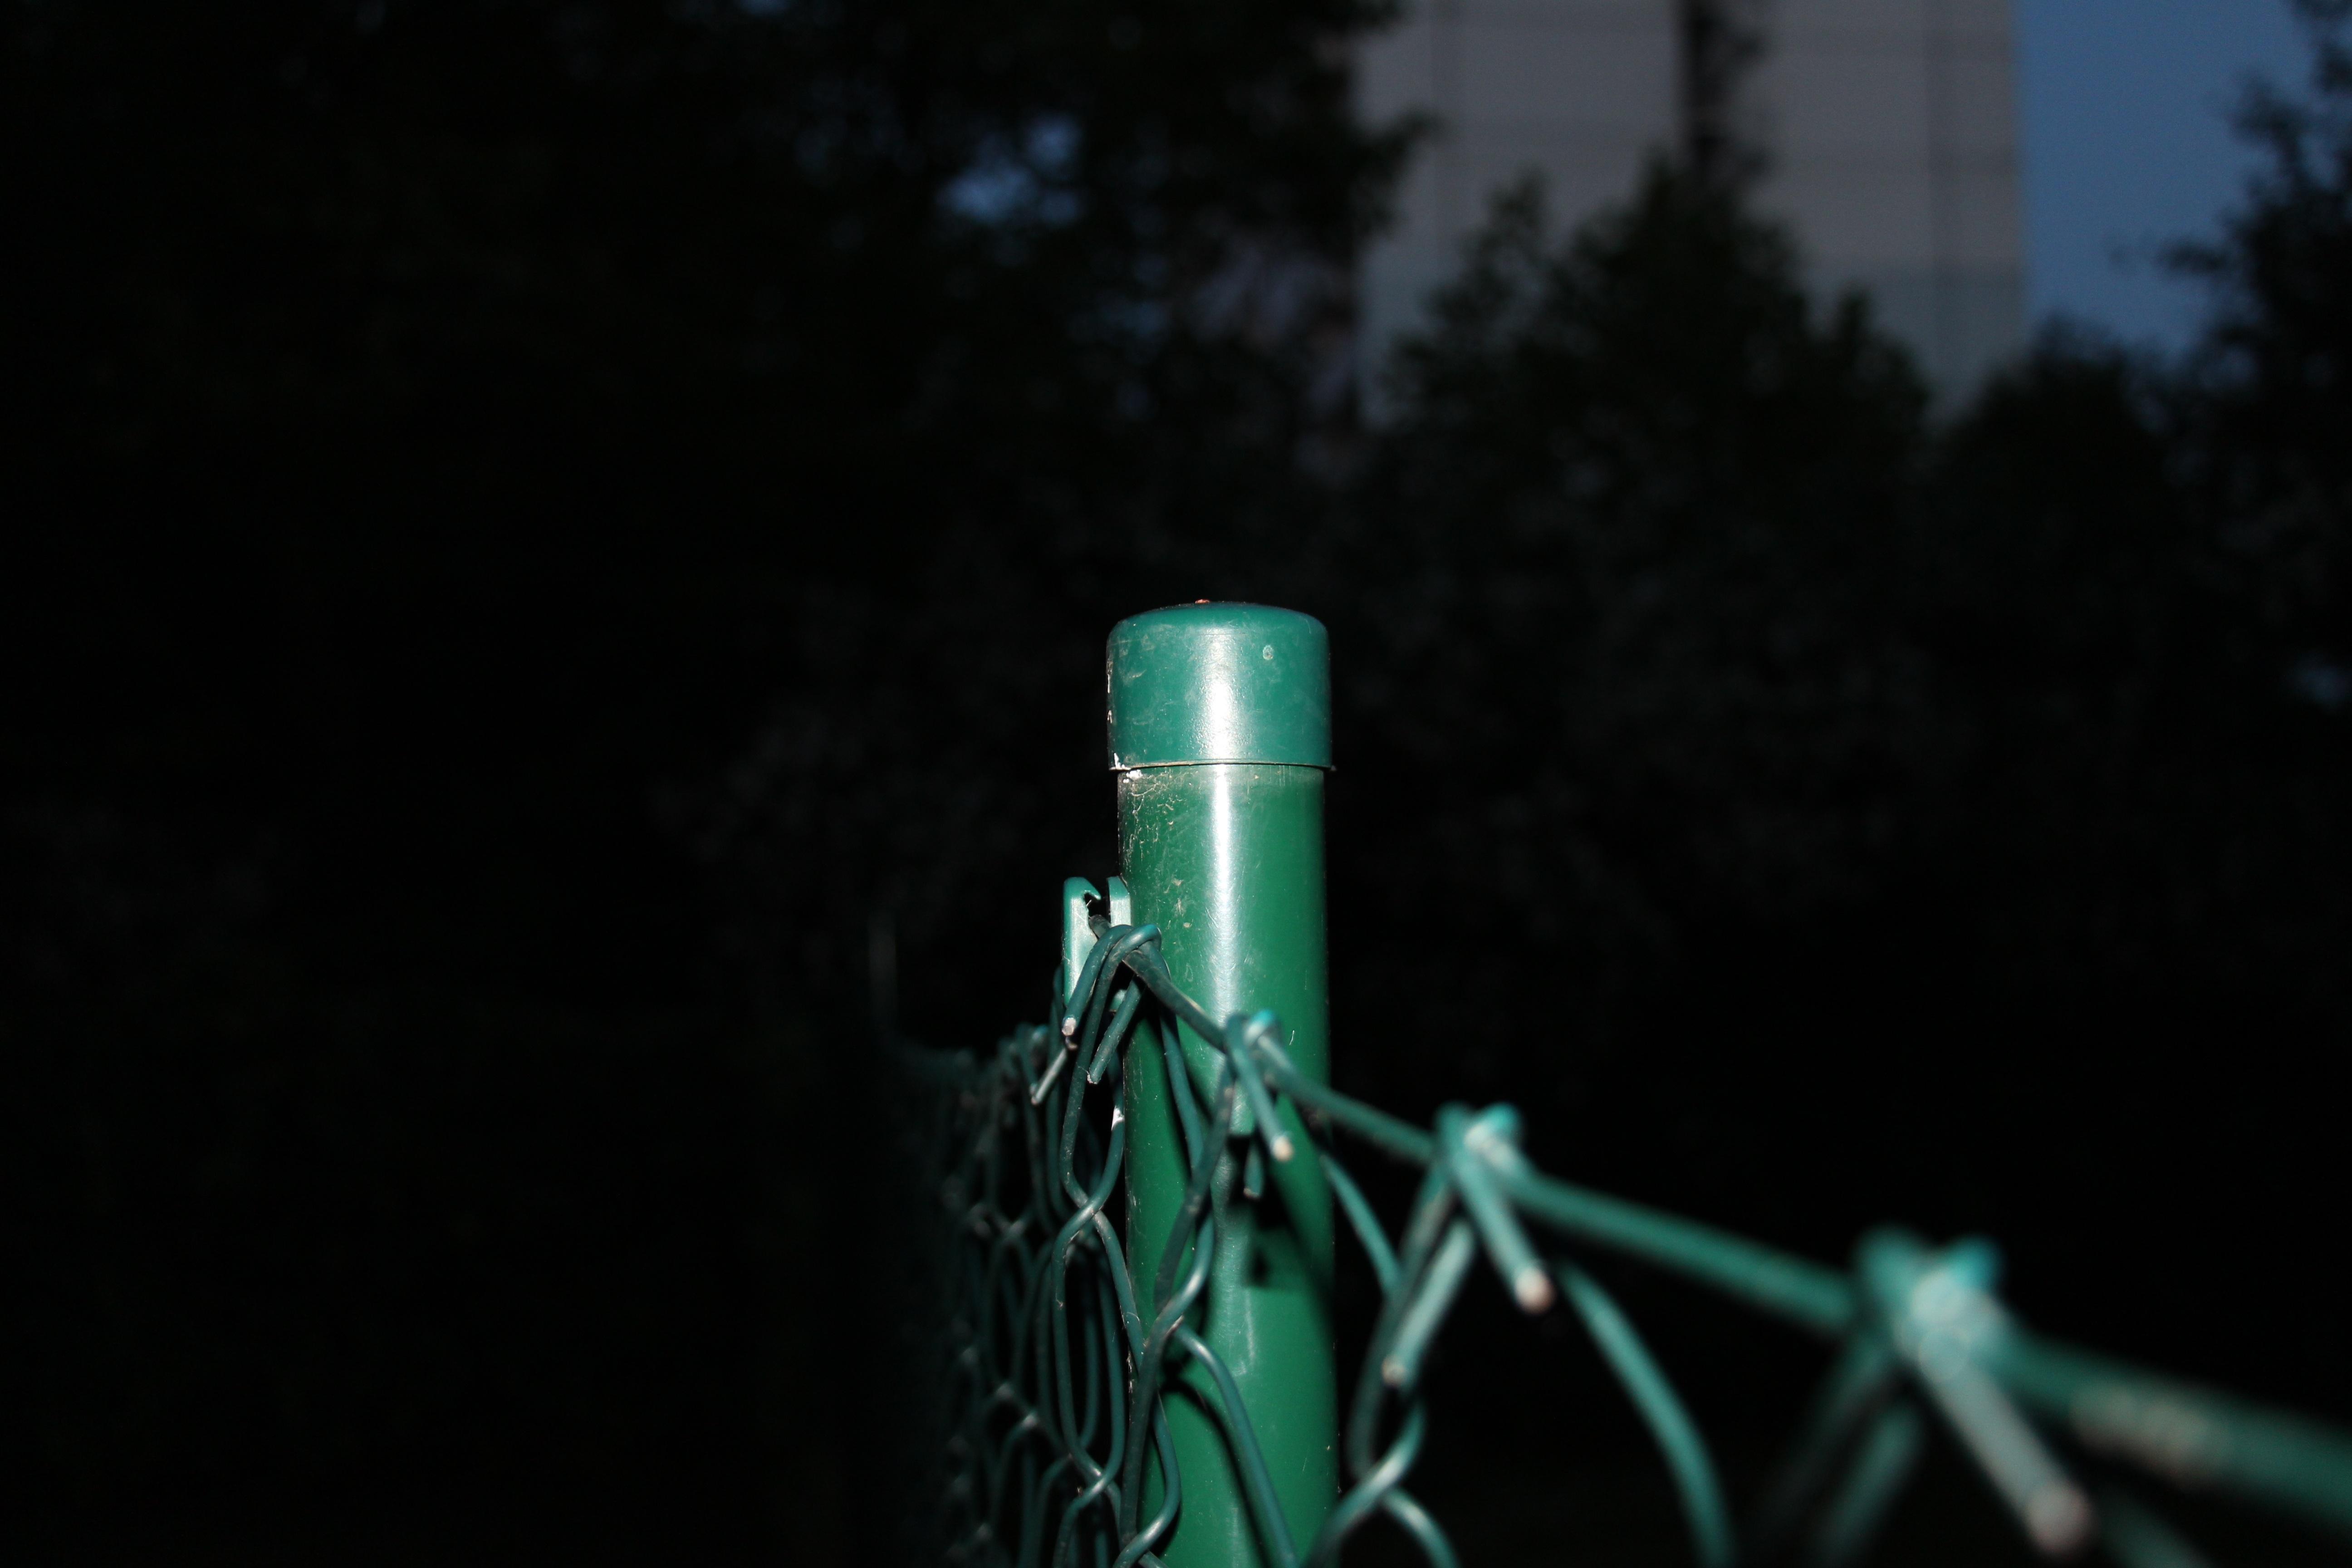 Images Gratuites : eau, branche, lumière, nuit, foncé, câble ...